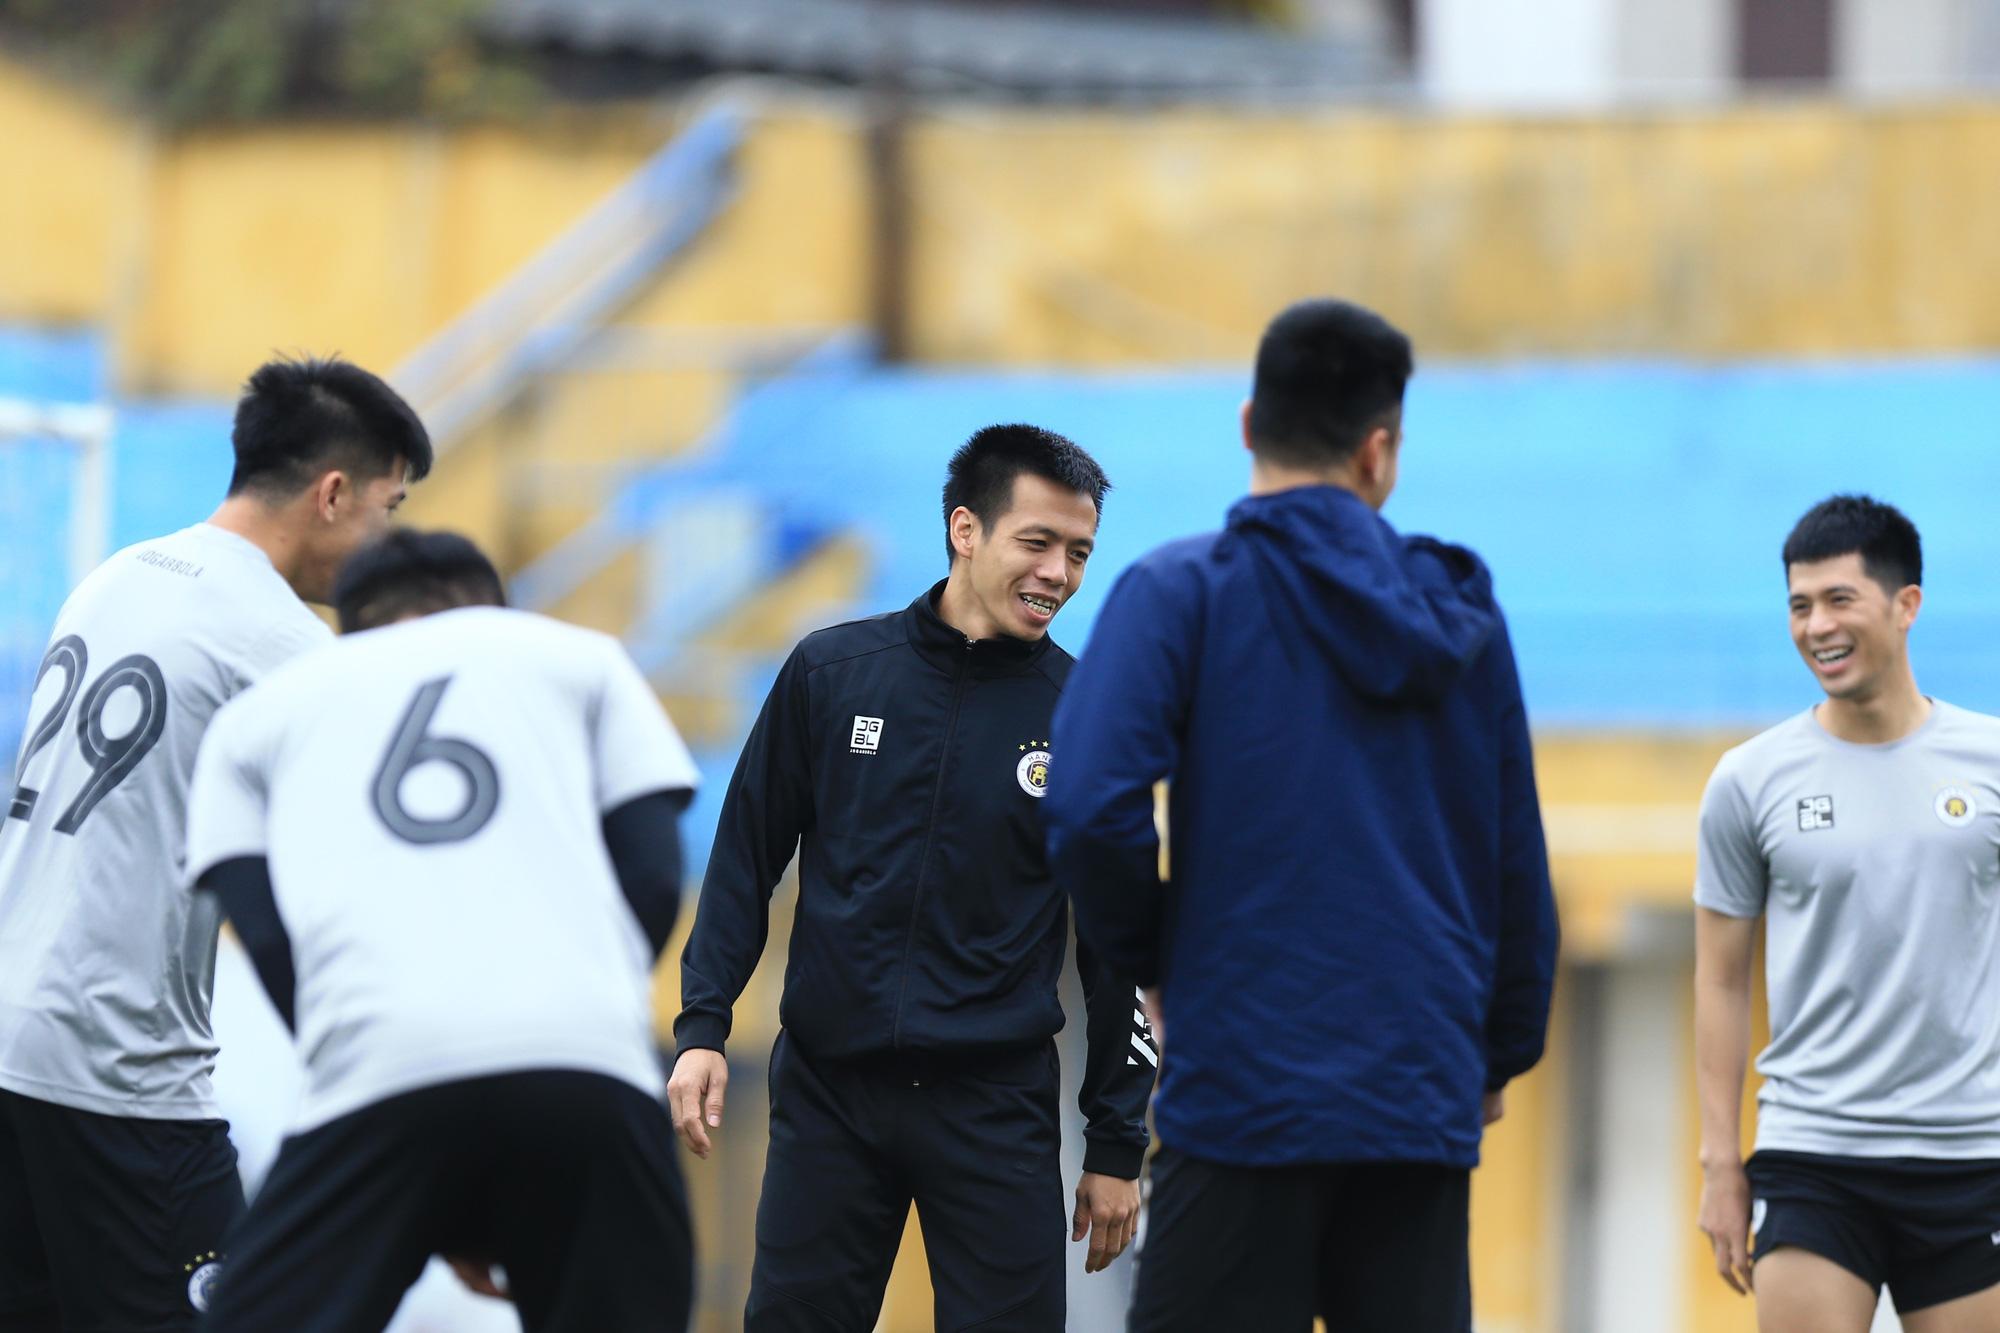 Quang Hải, Đình Trọng trêu đùa trong buổi tập CLB Hà Nội - Ảnh 9.